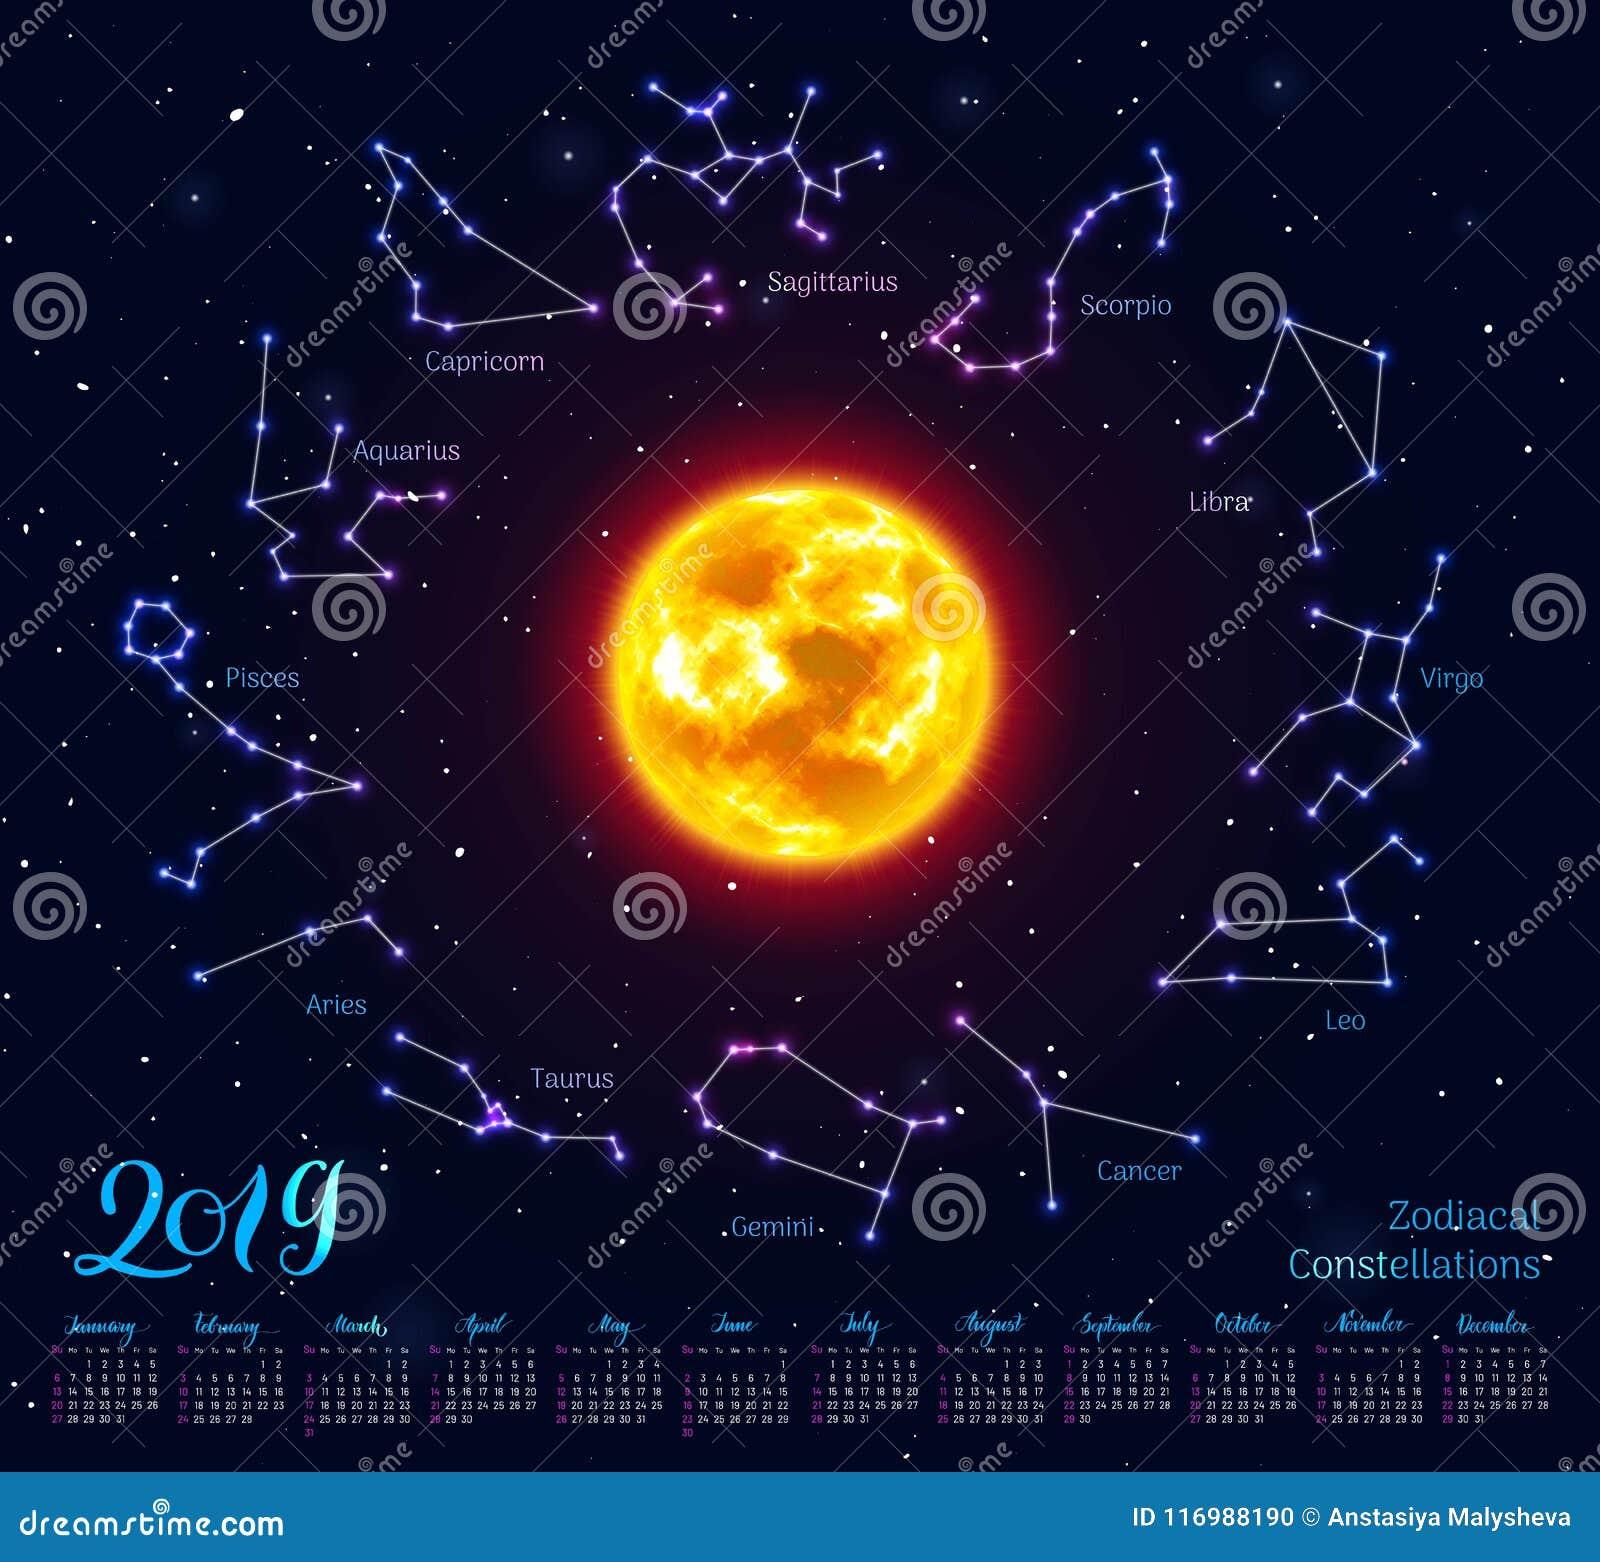 Calendrier Soleil.Le Calendrier Le Soleil Zodiaque Signe 2019 Fond De Ciel